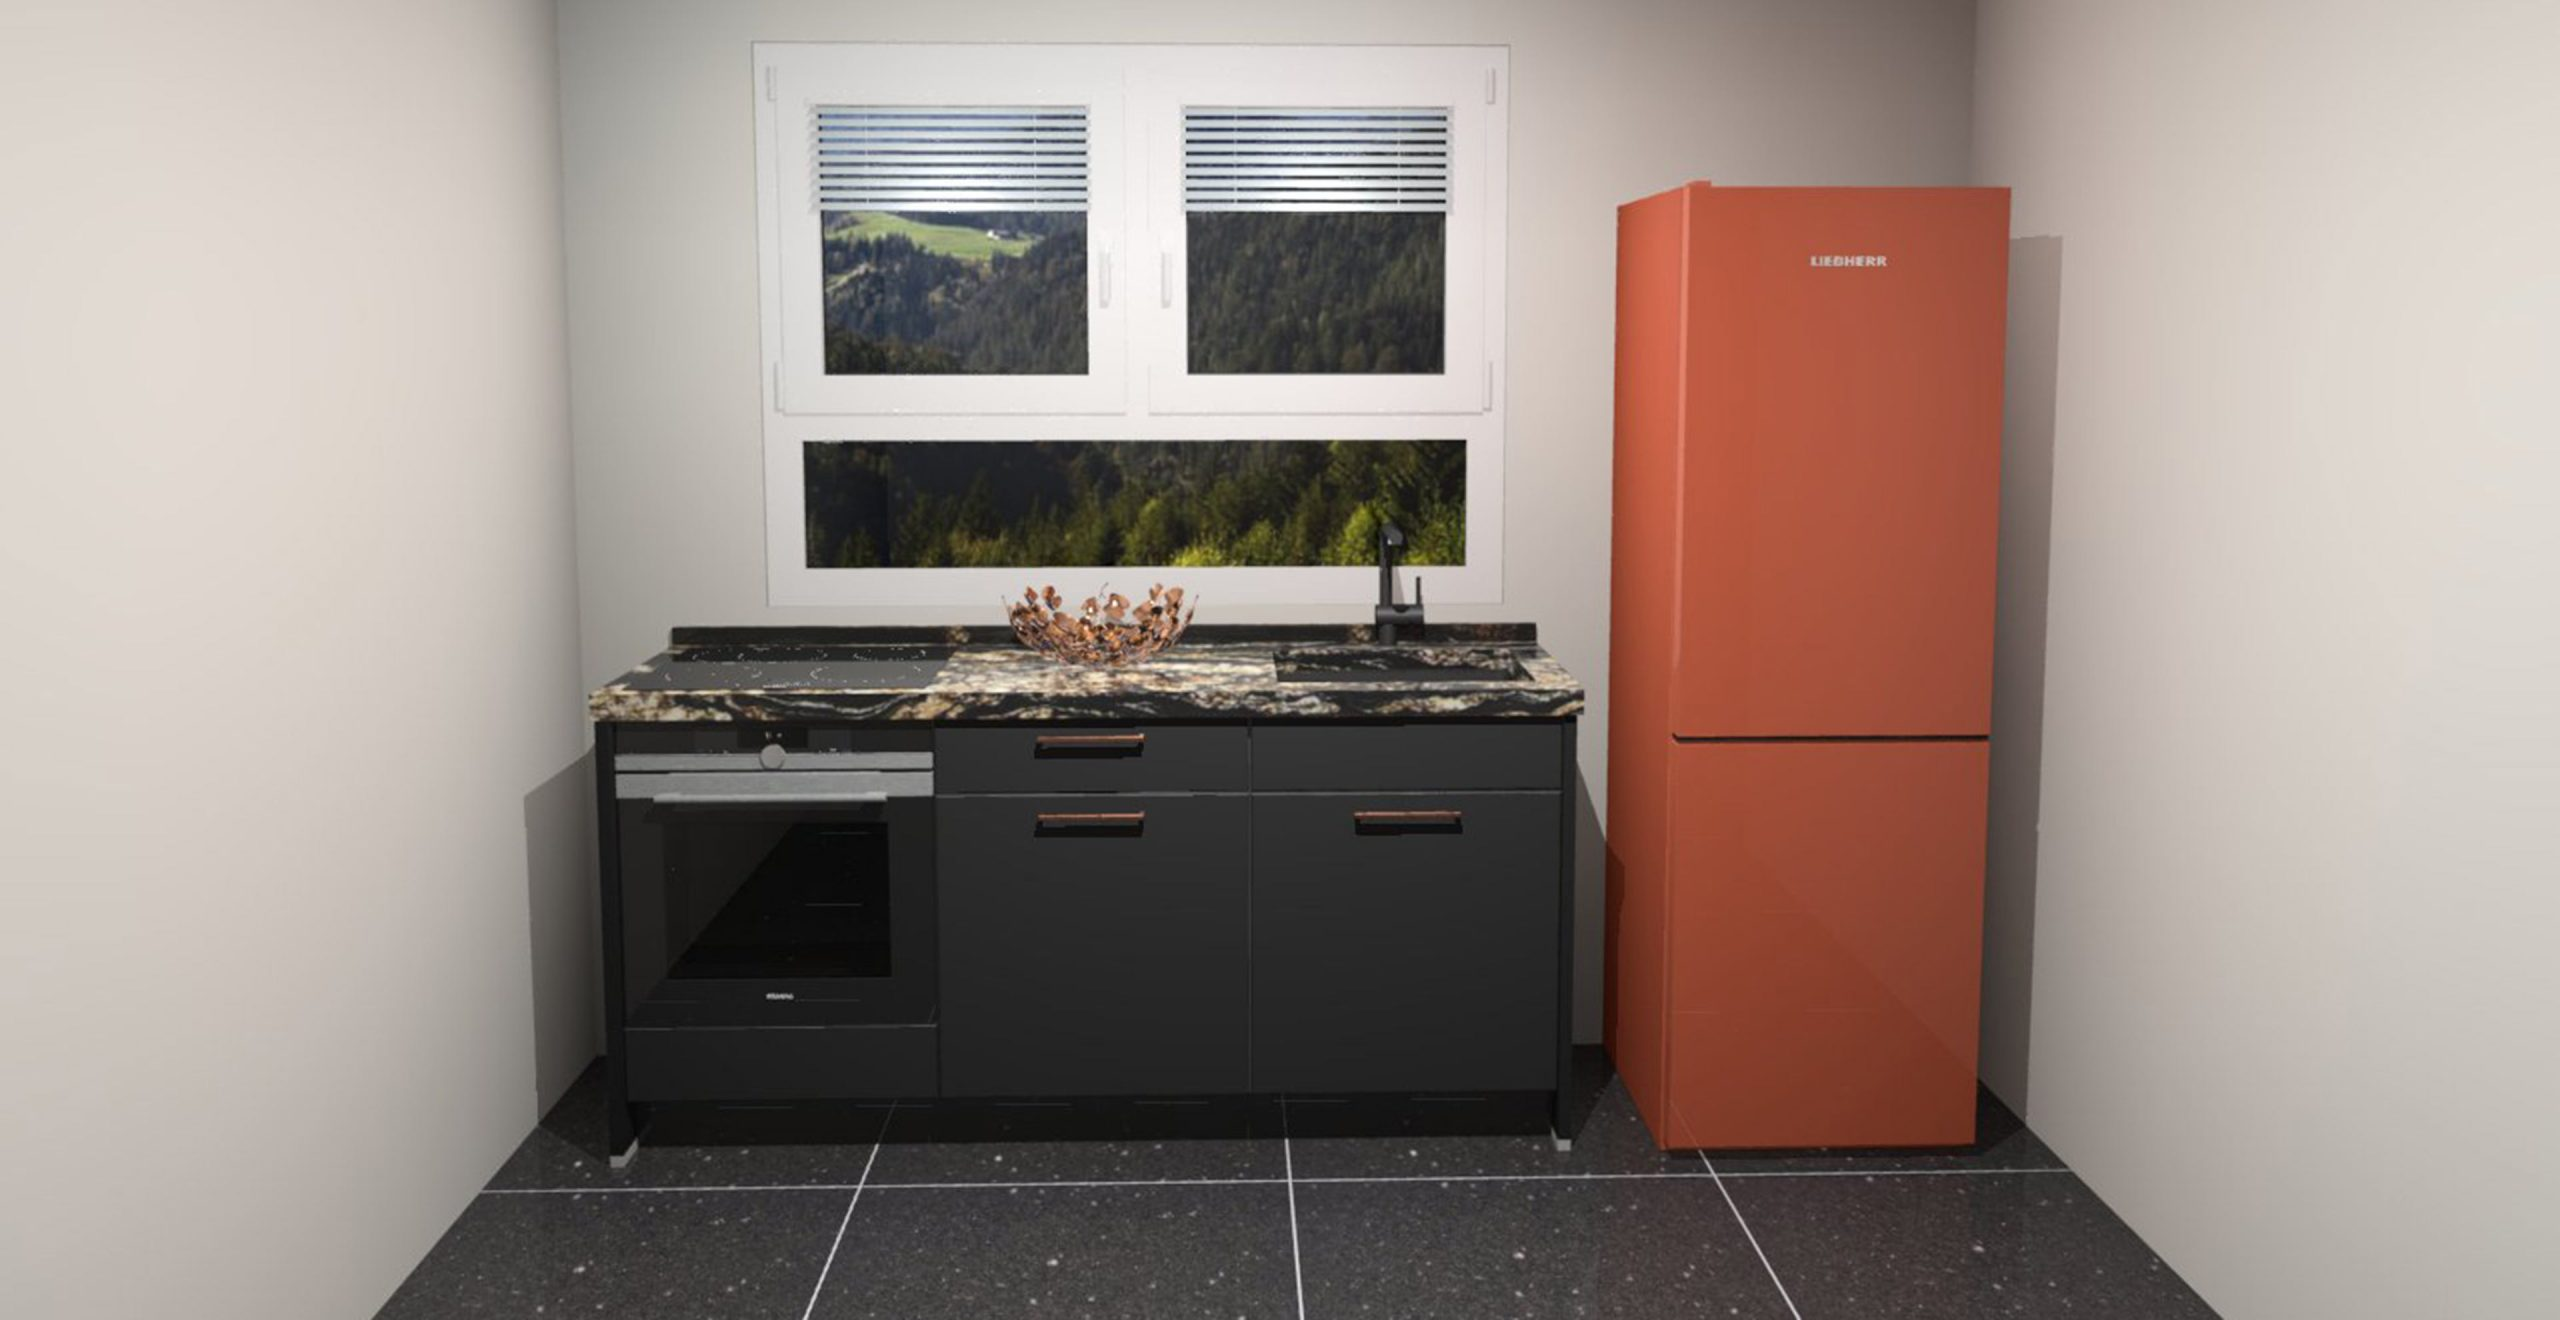 Full Size of Modulküche Ikea Wartet Auf Sie Holz Miniküche Küche Kaufen Betten Bei 160x200 Sofa Mit Schlaffunktion Kosten Küche Modulküche Ikea